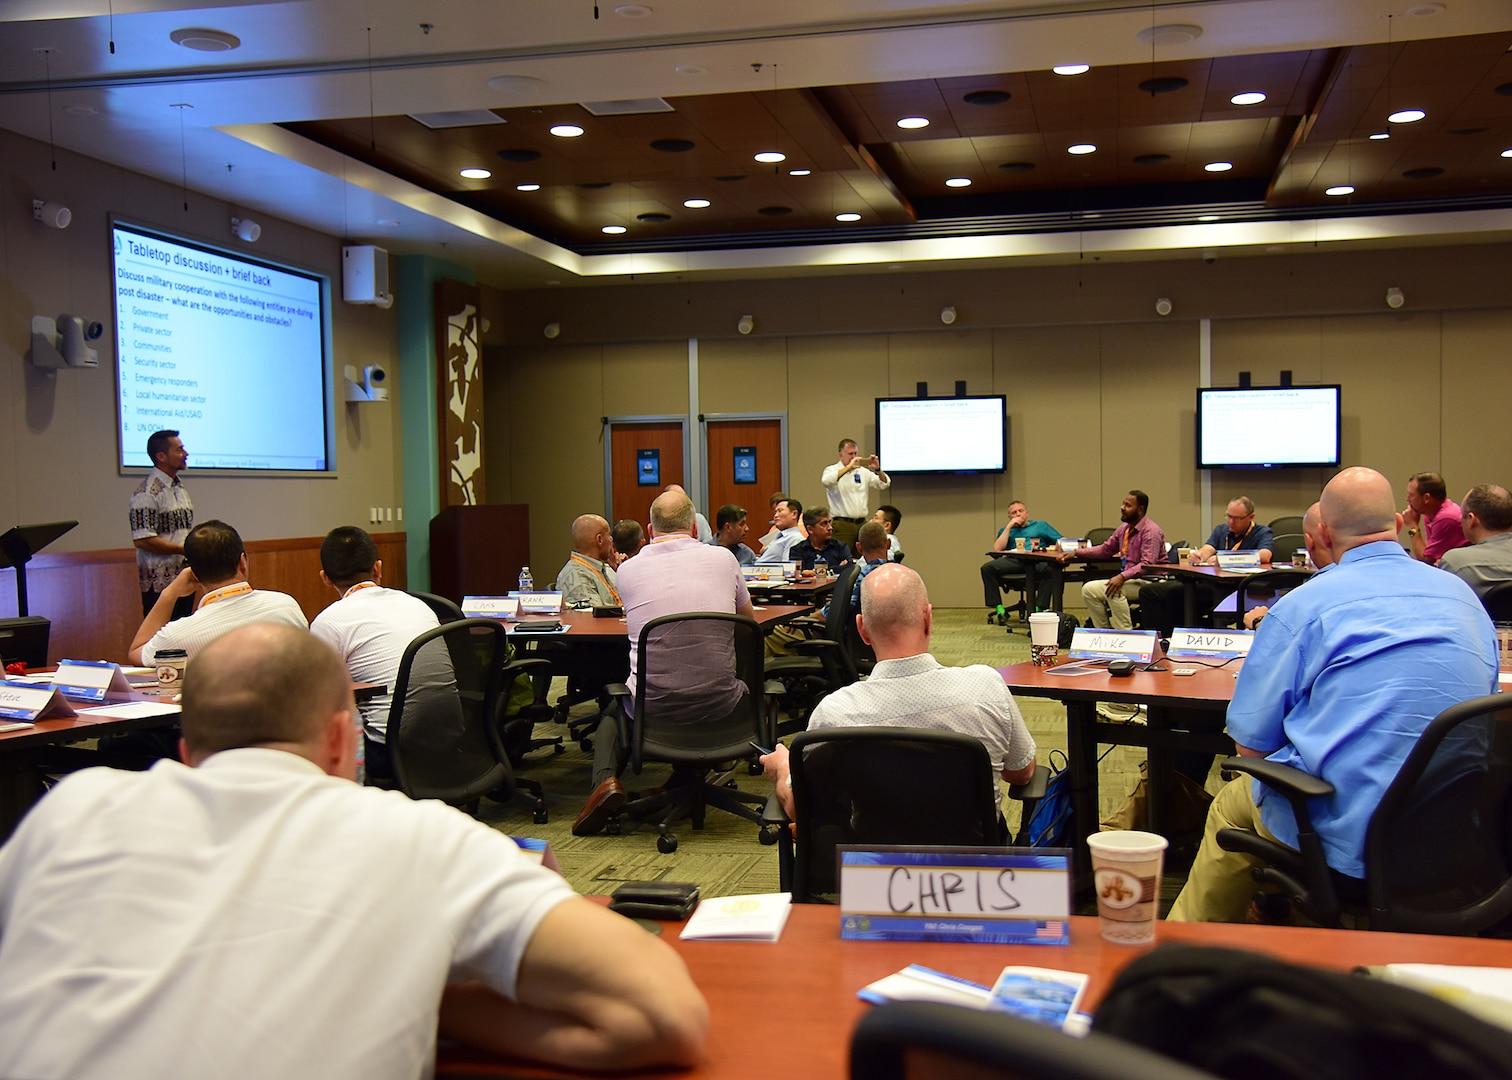 PACFLT Hosts International Senior Enlisted Training Symposium